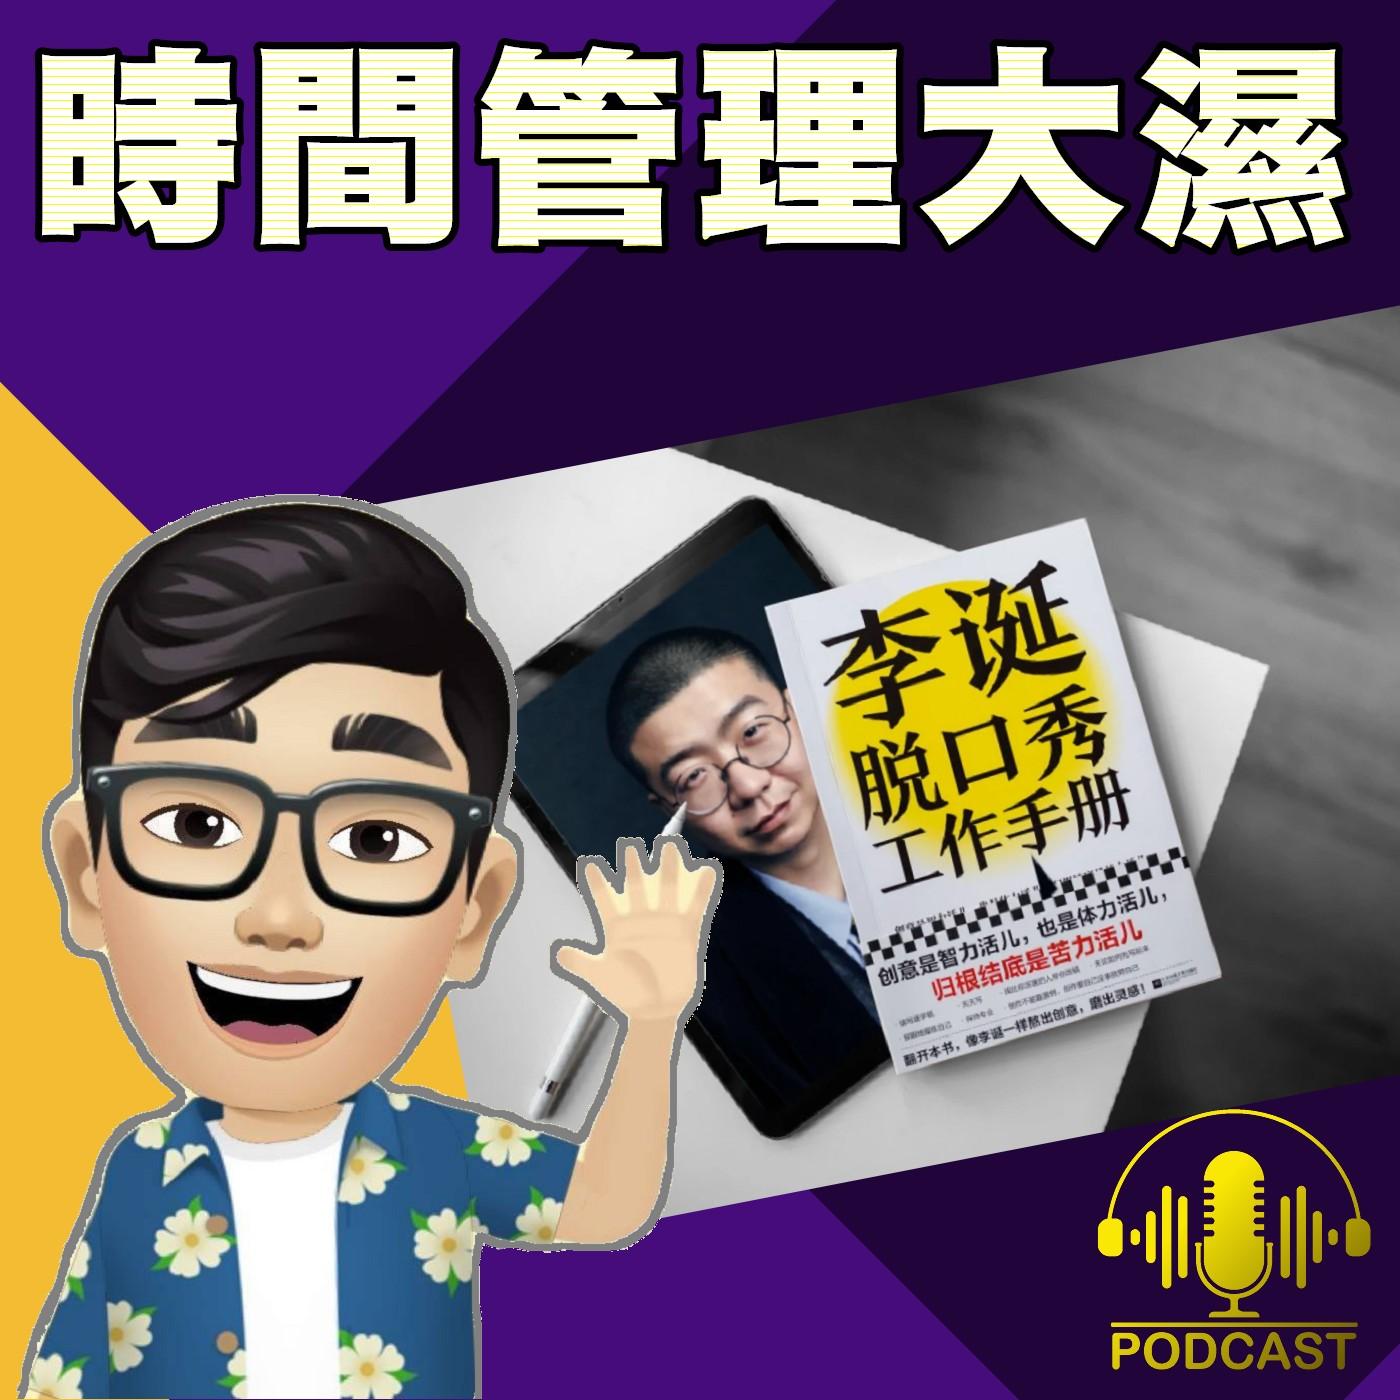 EP.216【蛀蟲時間】《李誕 脫口秀工作手冊》喜劇演員的價值觀